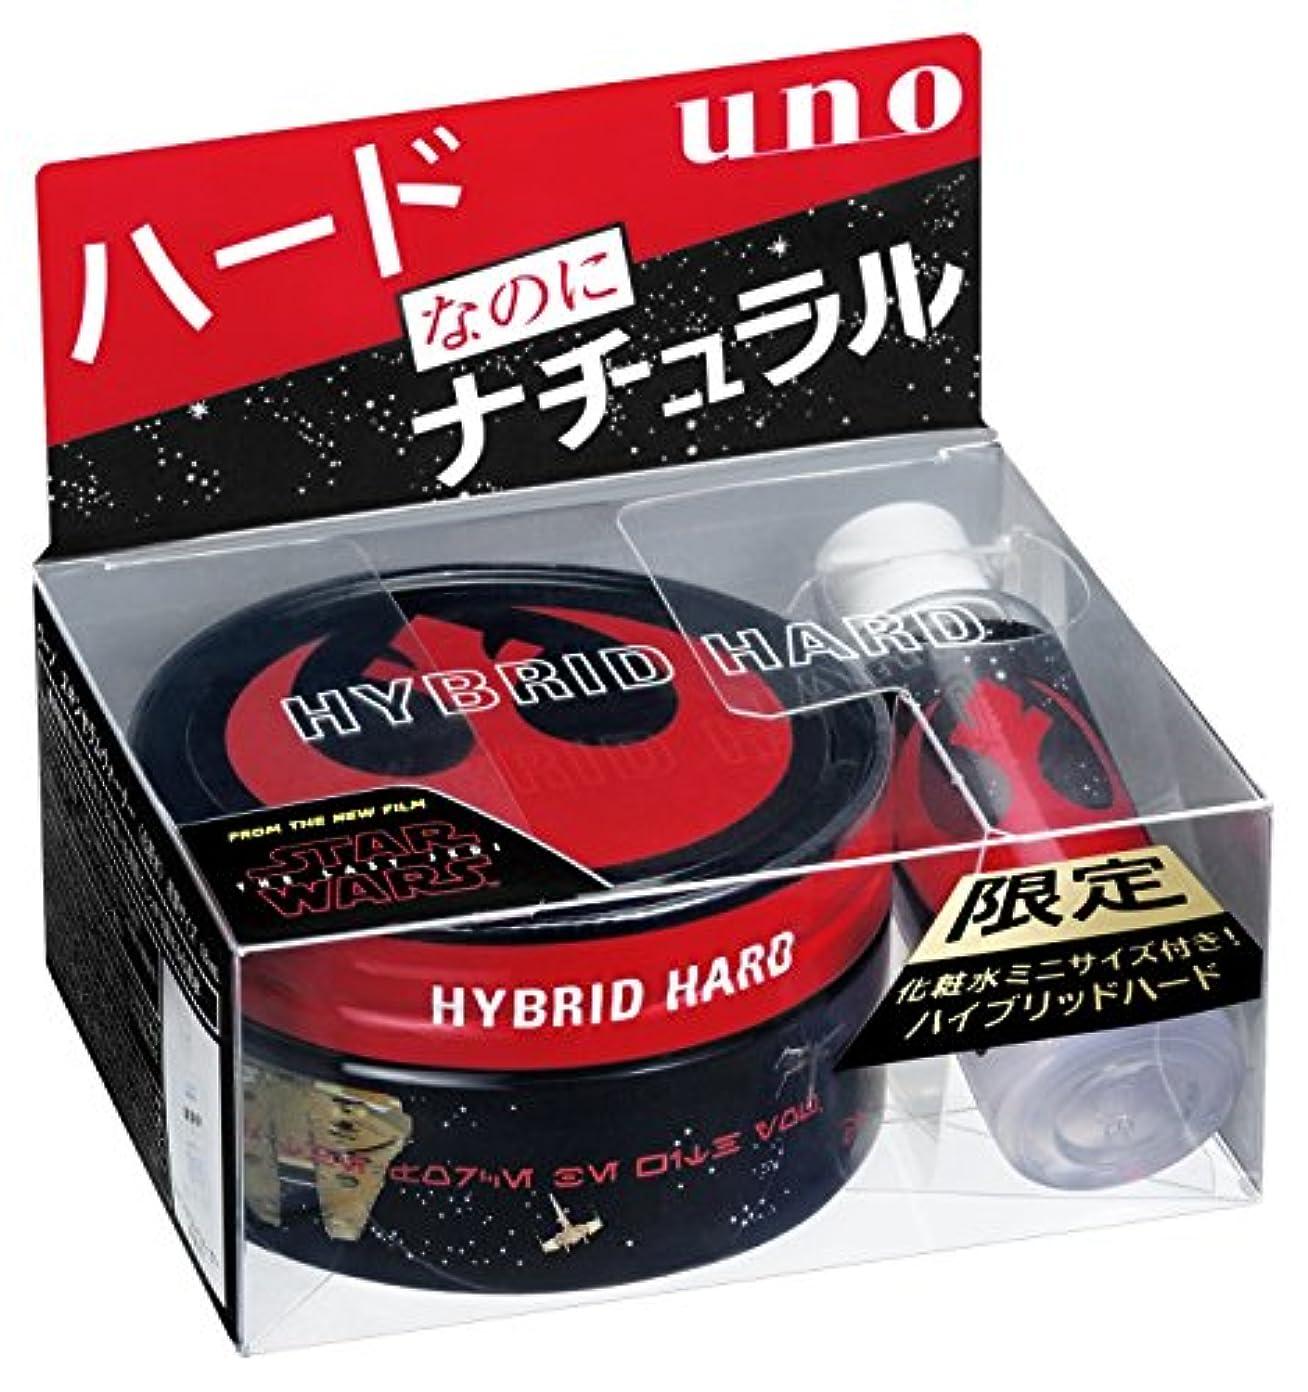 パッケージ提唱するヤギuno(ウーノ) ウーノ ハイブリッドハード ワックス 80g スキンセラムウォーターミニボトル付(スターウォーズEp8)